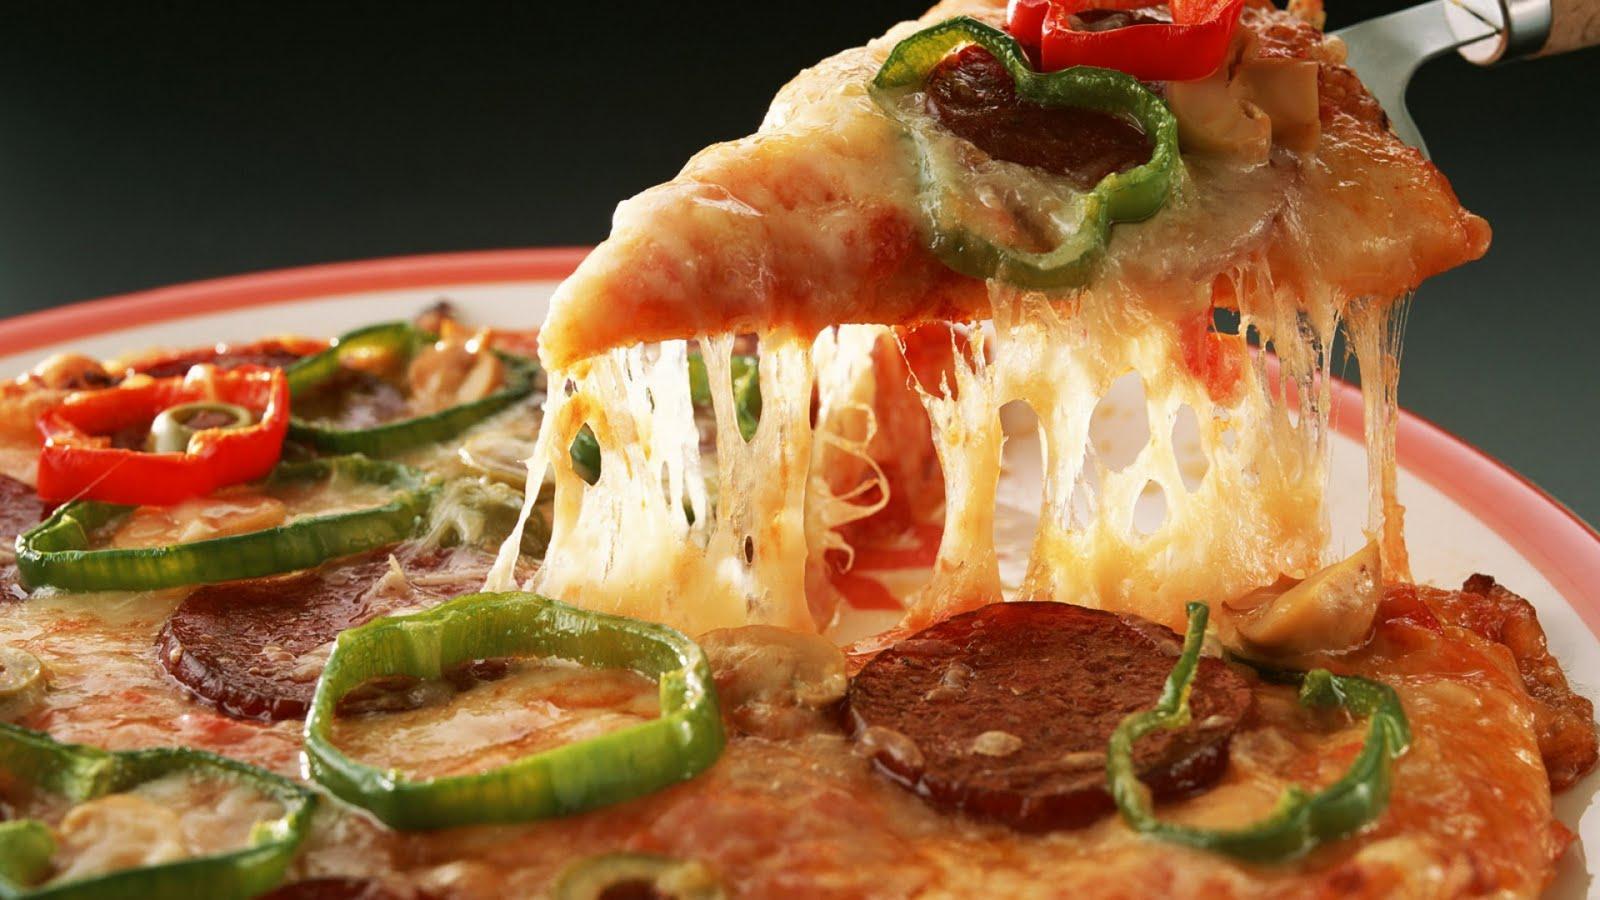 http://2.bp.blogspot.com/-crfw7iF7Gkk/Tfx4K1gQ4TI/AAAAAAAAEYk/6E8IooDfL7g/s1600/Pizza.jpg